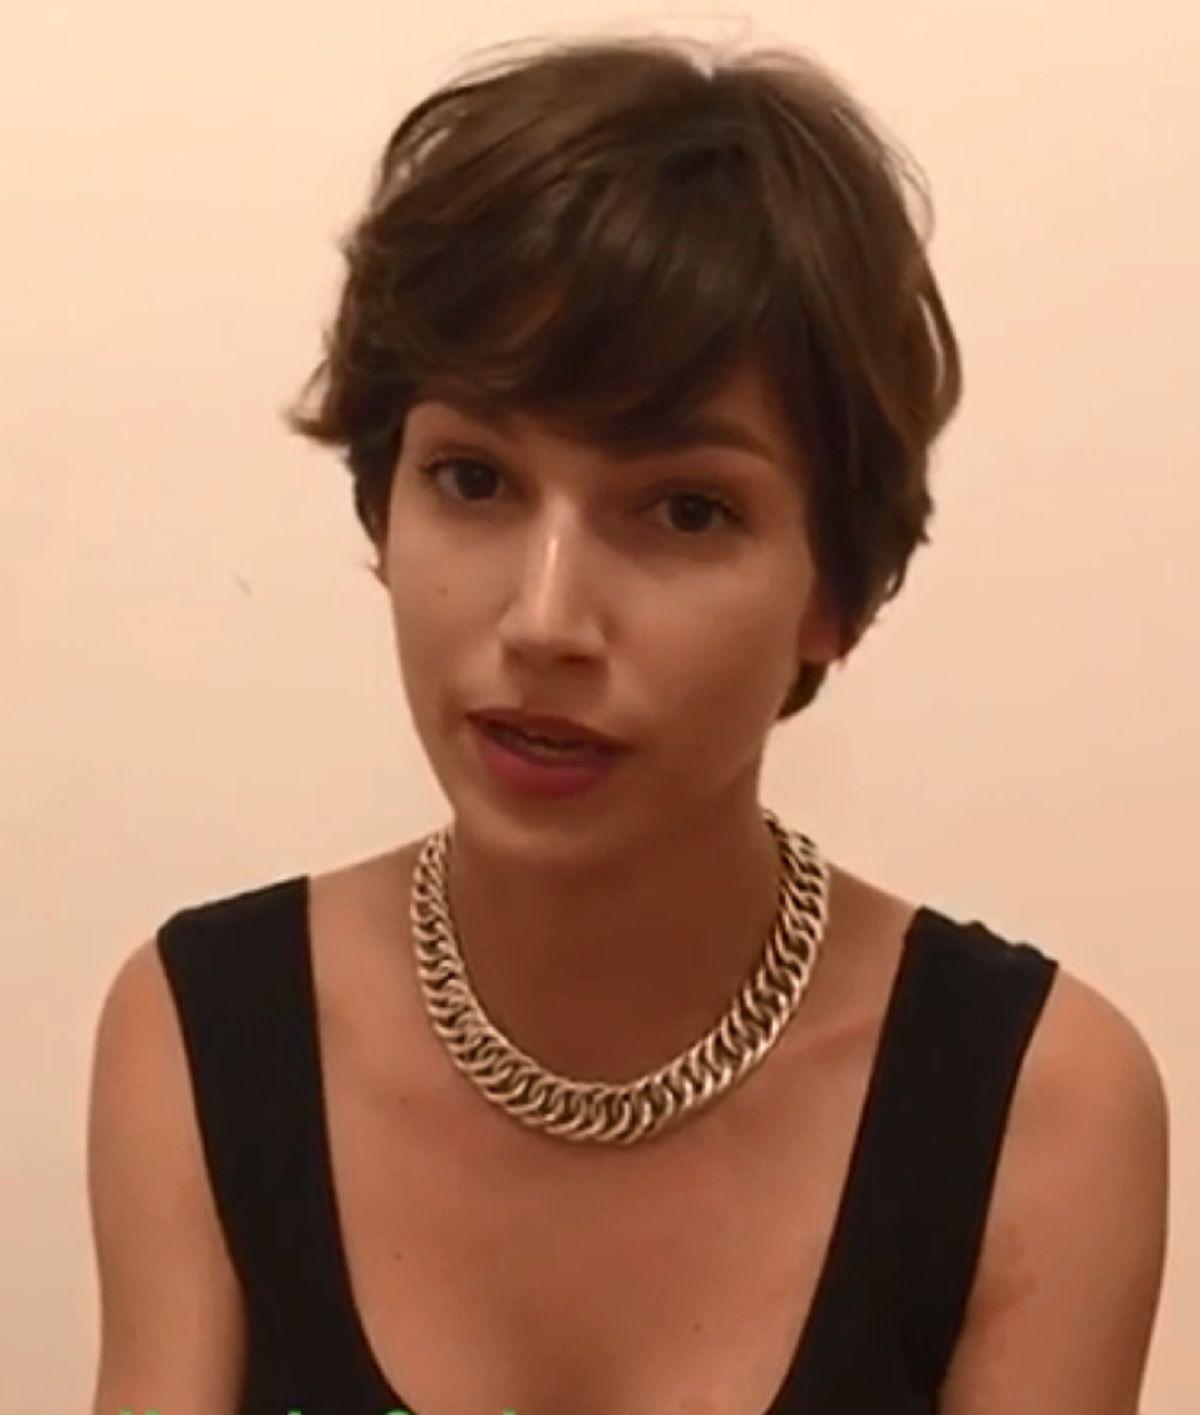 Artistas españoles hicieron un video en apoyo al aborto legal en la Argentina